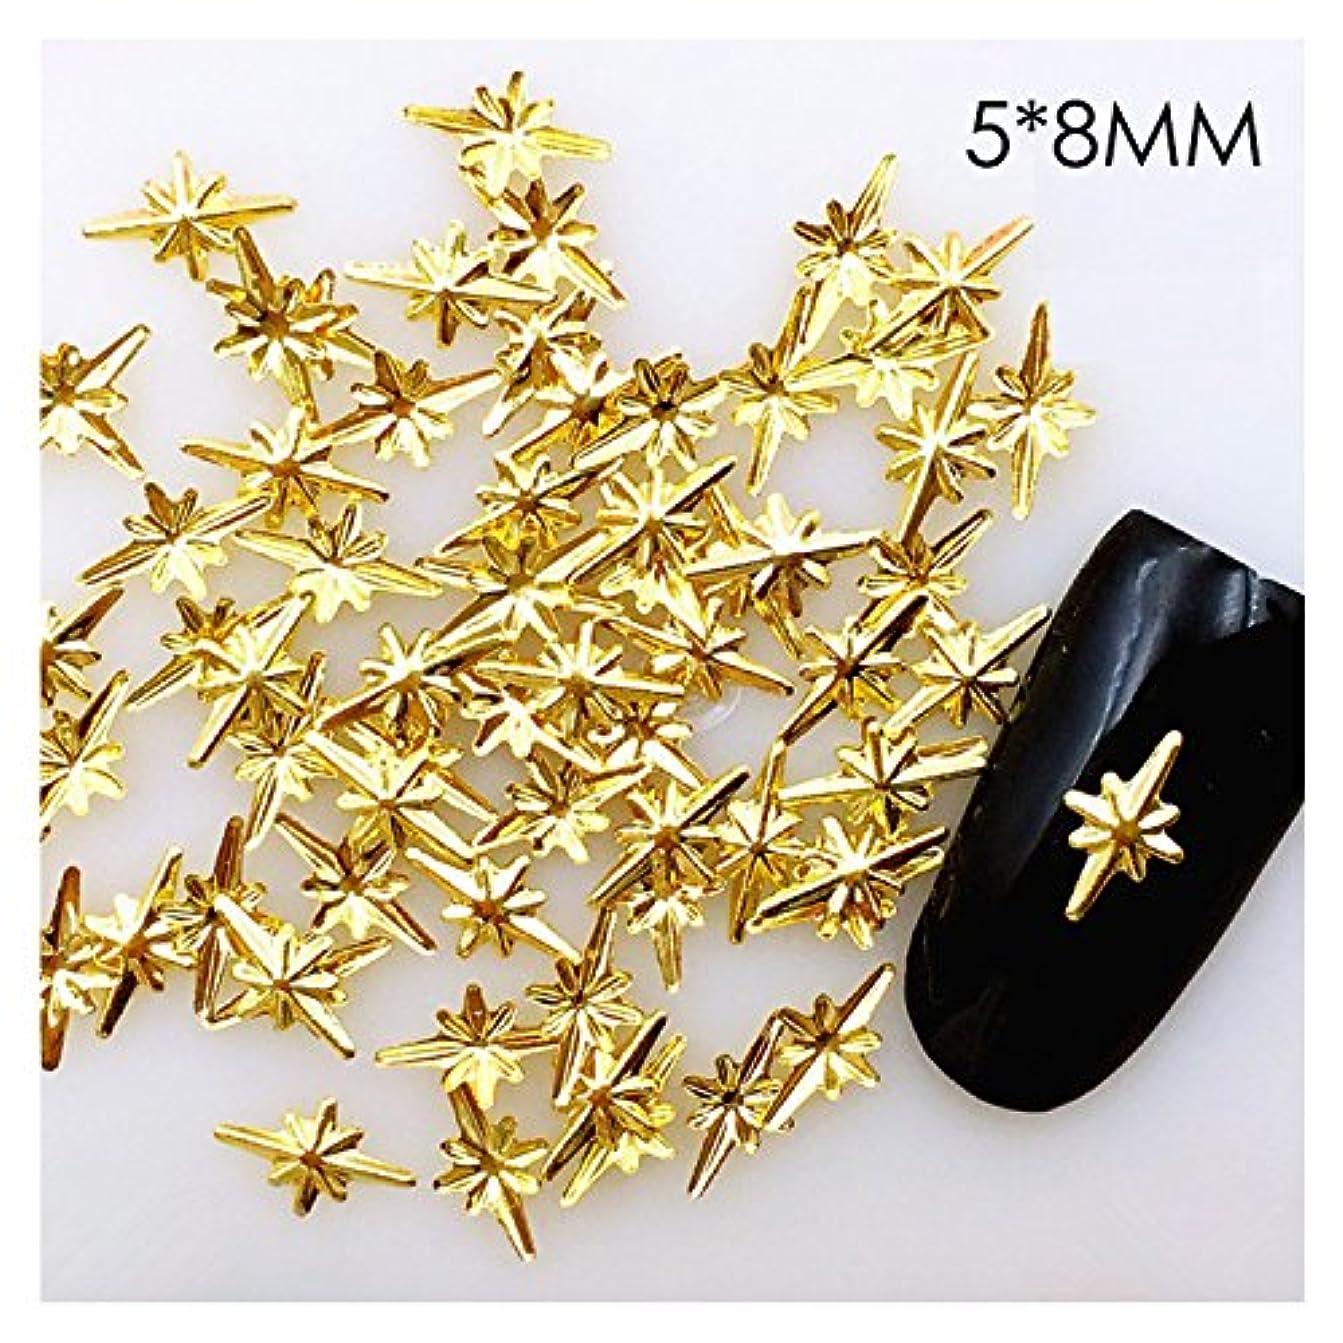 知性進行中ペデスタル40個入り ダイヤ5*8ミリ 40個入り恒星 ゴールド メタルパーツ スタッズ ネイル用品 GOLD スター アート パーツ デコ素材